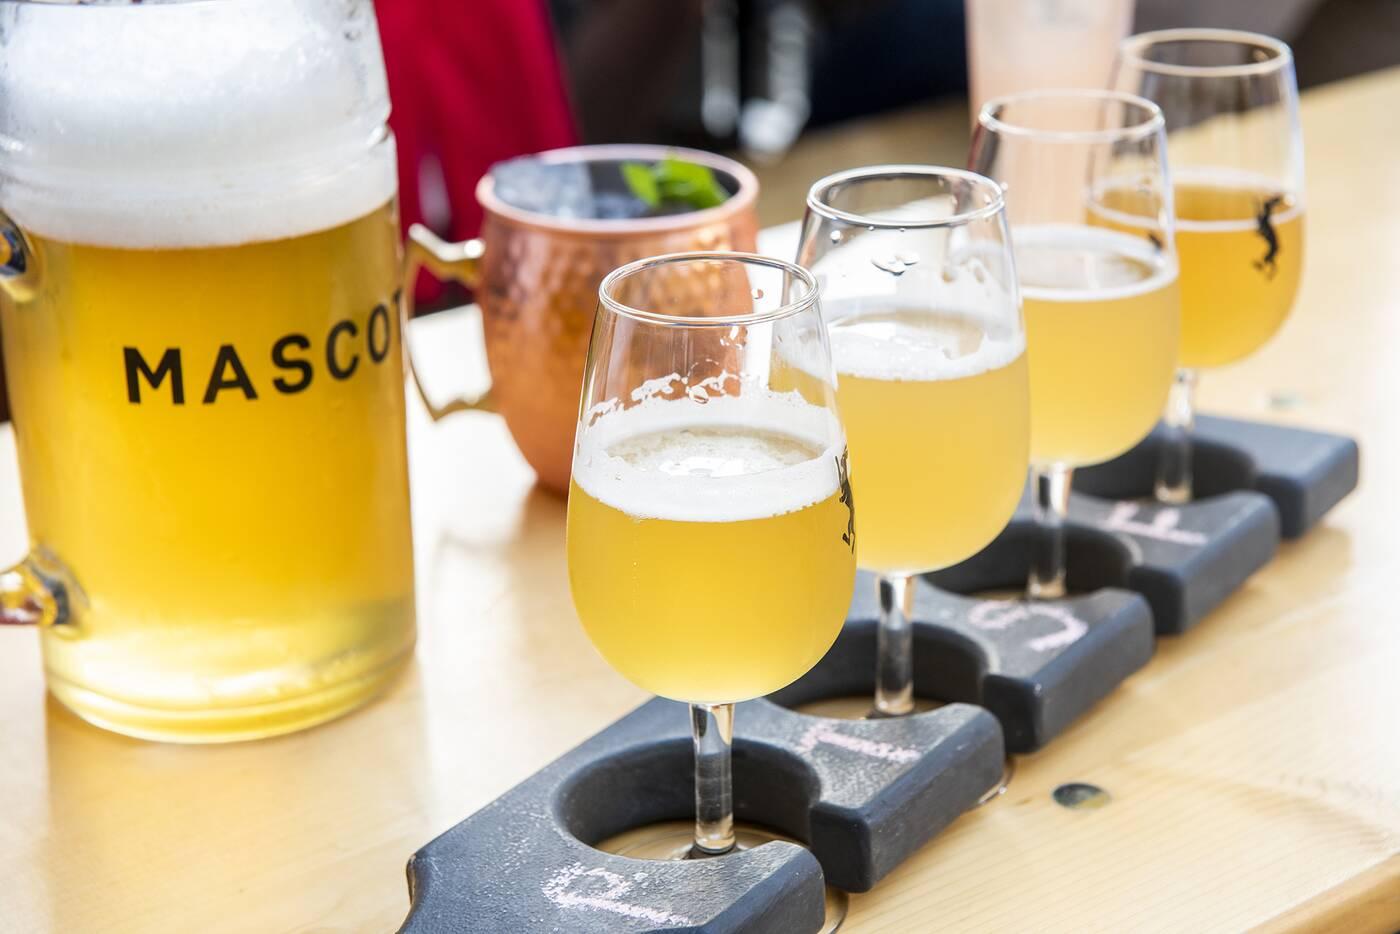 mascot brewery toronto